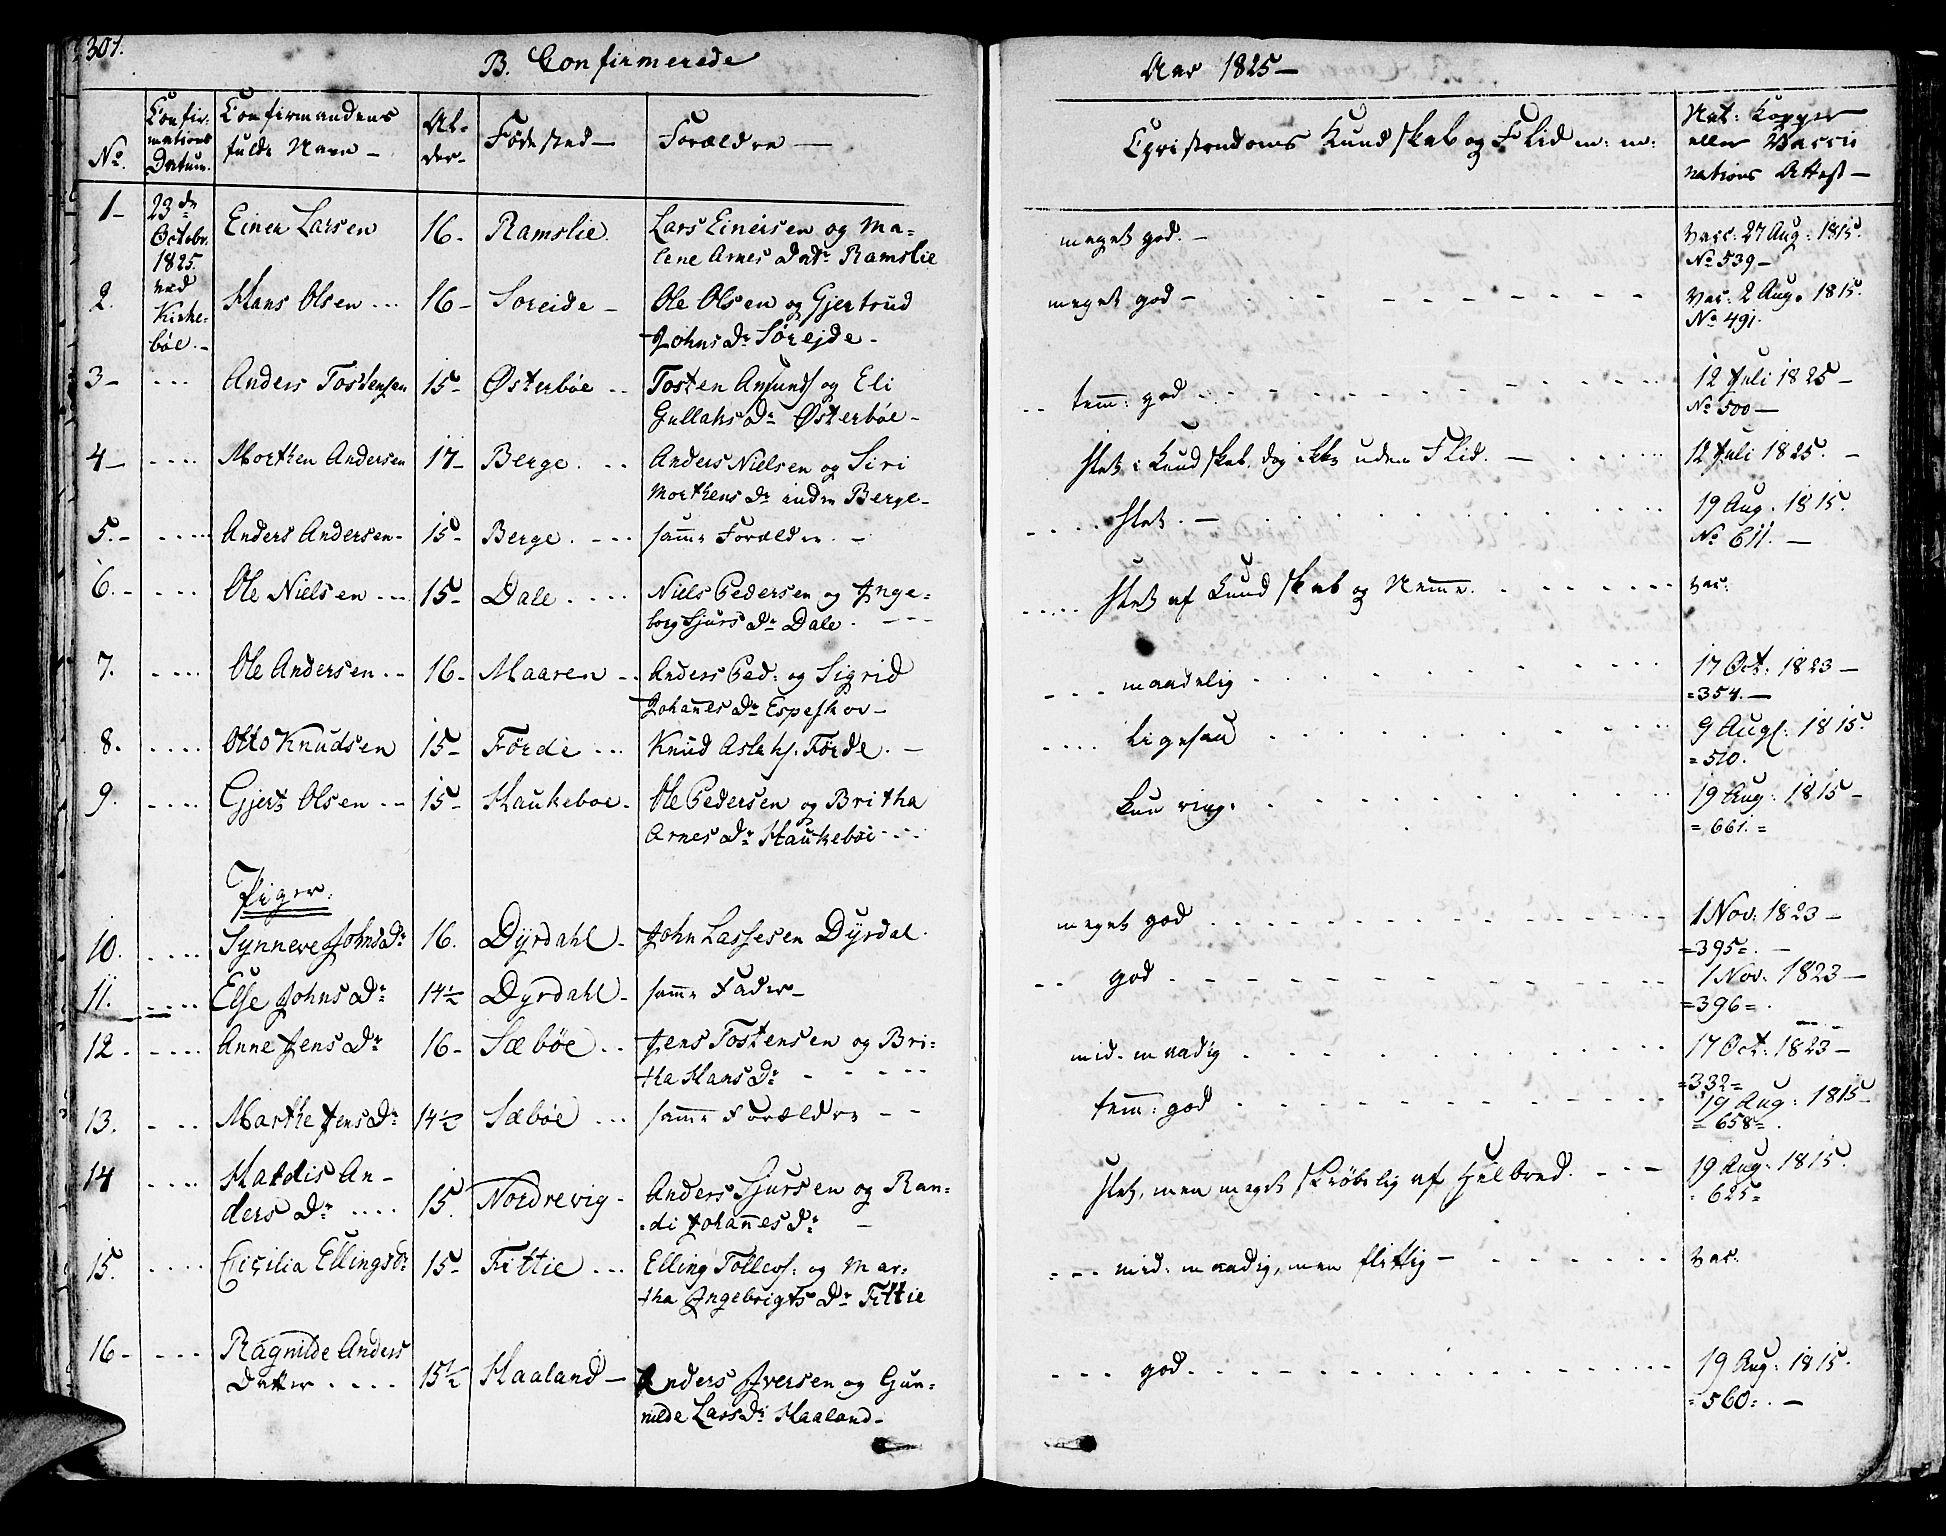 SAB, Lavik sokneprestembete, Ministerialbok nr. A 2I, 1821-1842, s. 301